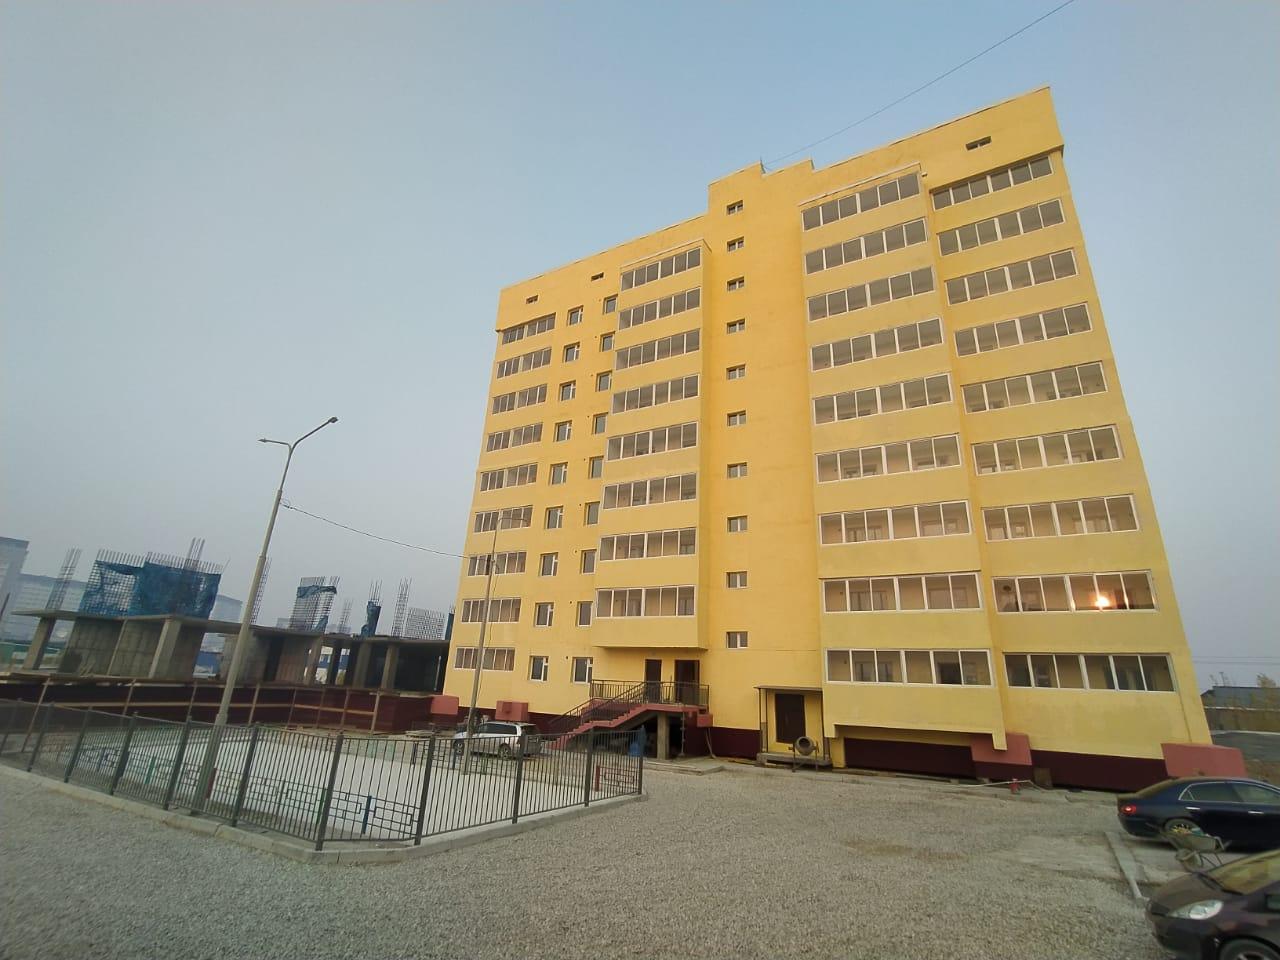 Дольщики организовали жилищно-строительный кооператив и достраивают свой дом на Автодорожной, 19 в Якутске